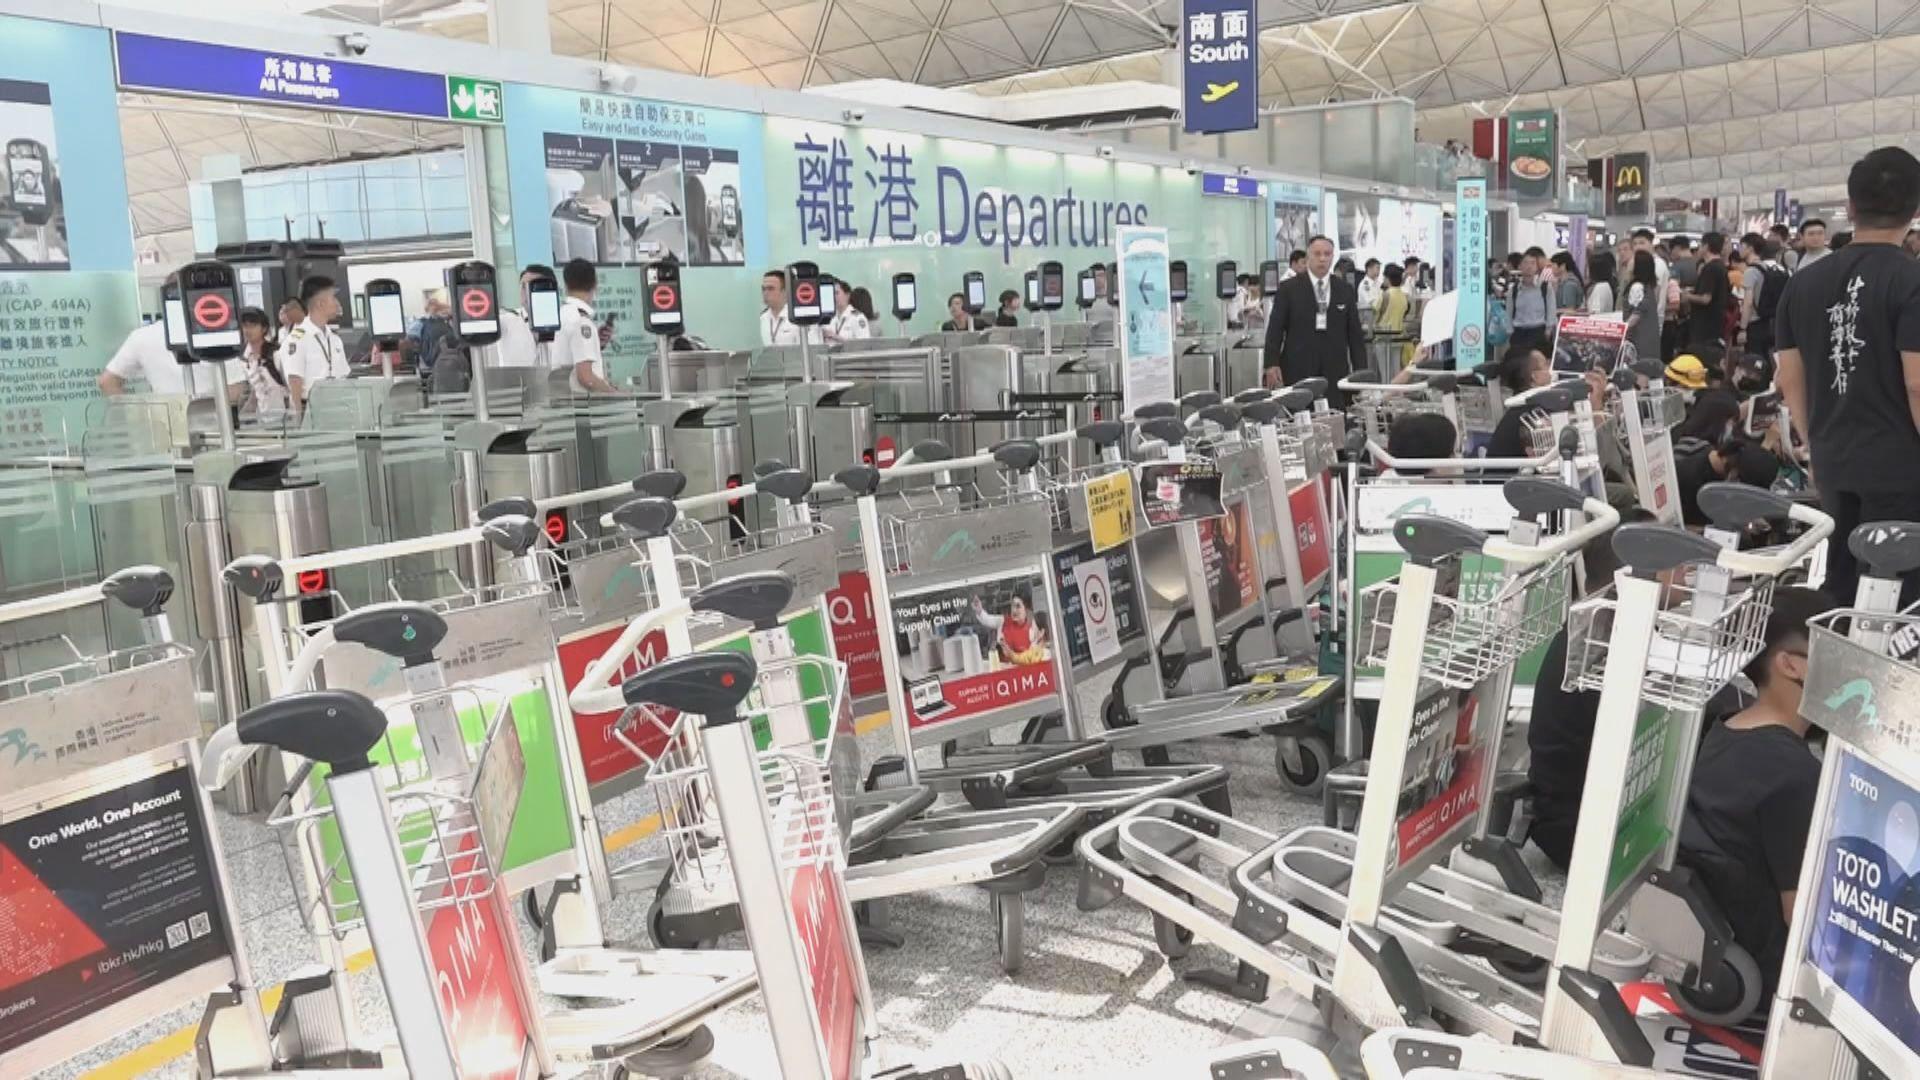 國泰:過去兩日逾5.5萬乘客受集會影響